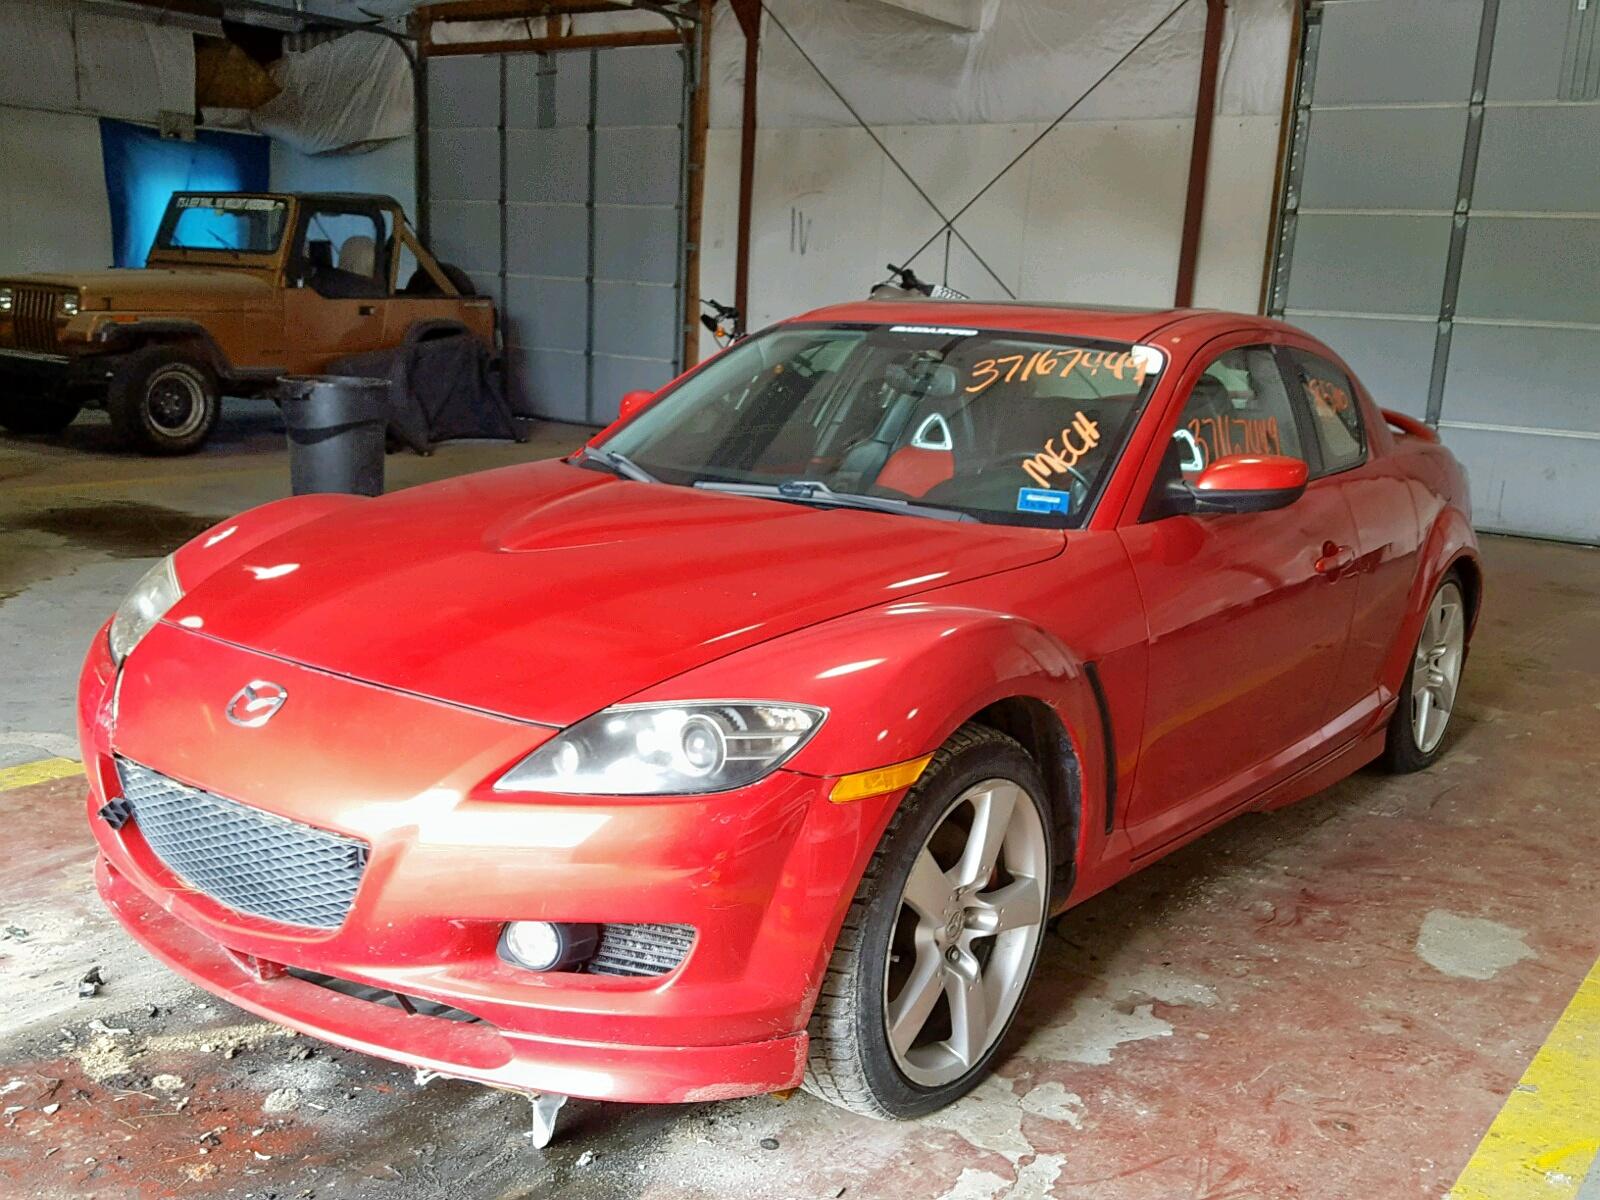 JM1FE173550158875 - 2005 Mazda Rx8 1.3L Right View